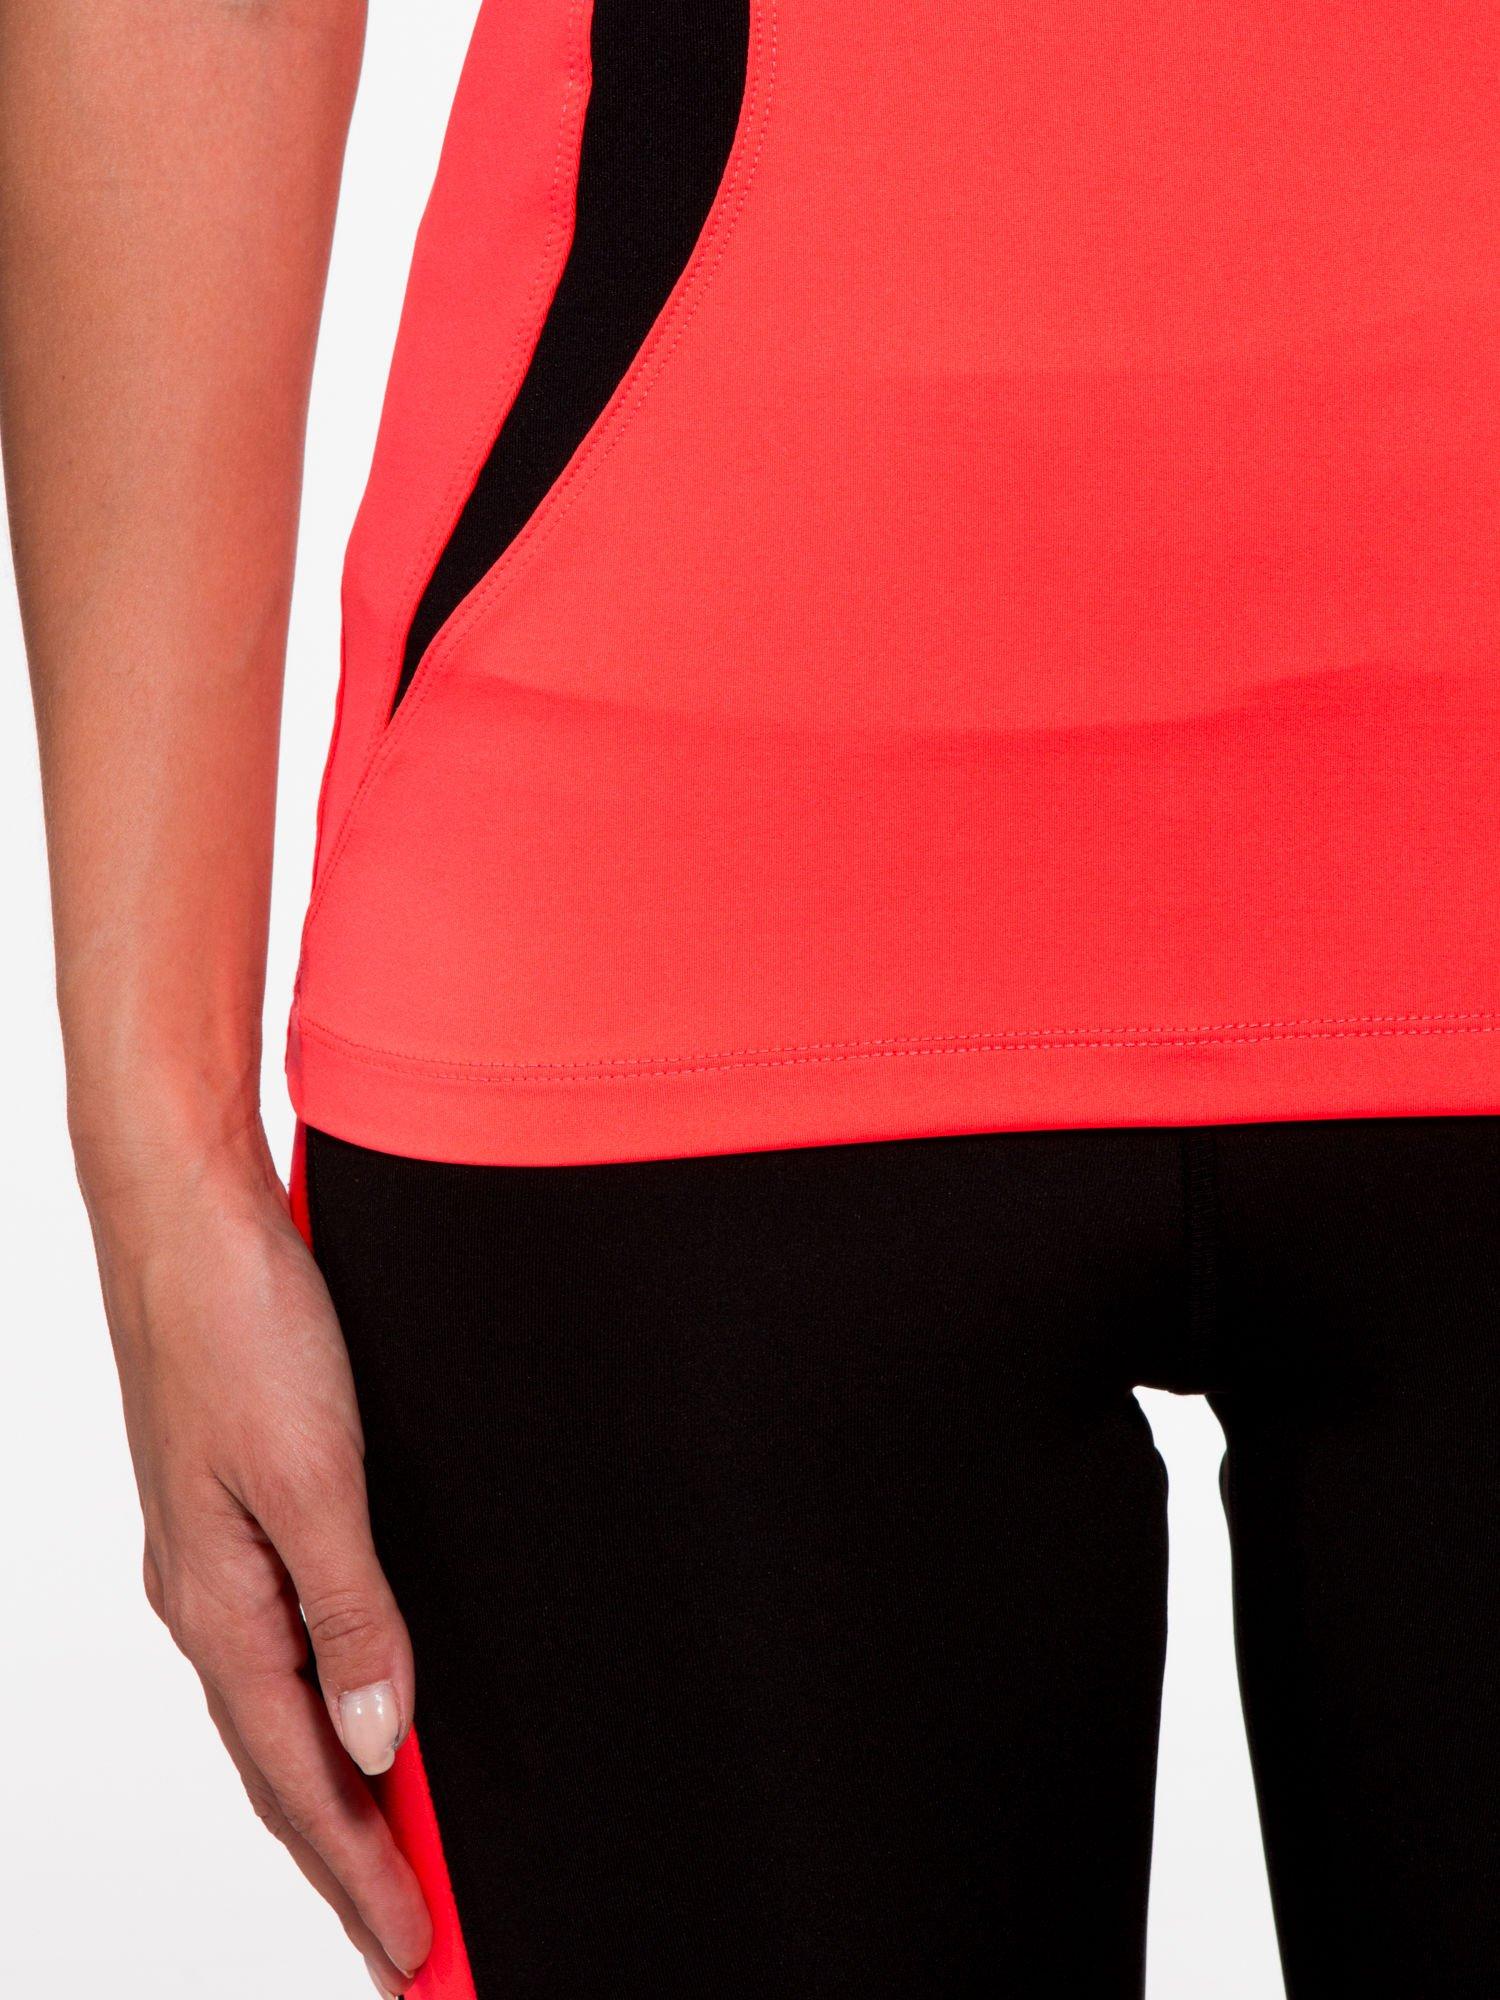 ca54b9374d9d49 6; Fluoróżowy termoaktywny t-shirt sportowy z siateczką przy dekolcie ♢ Performance  RUN ...